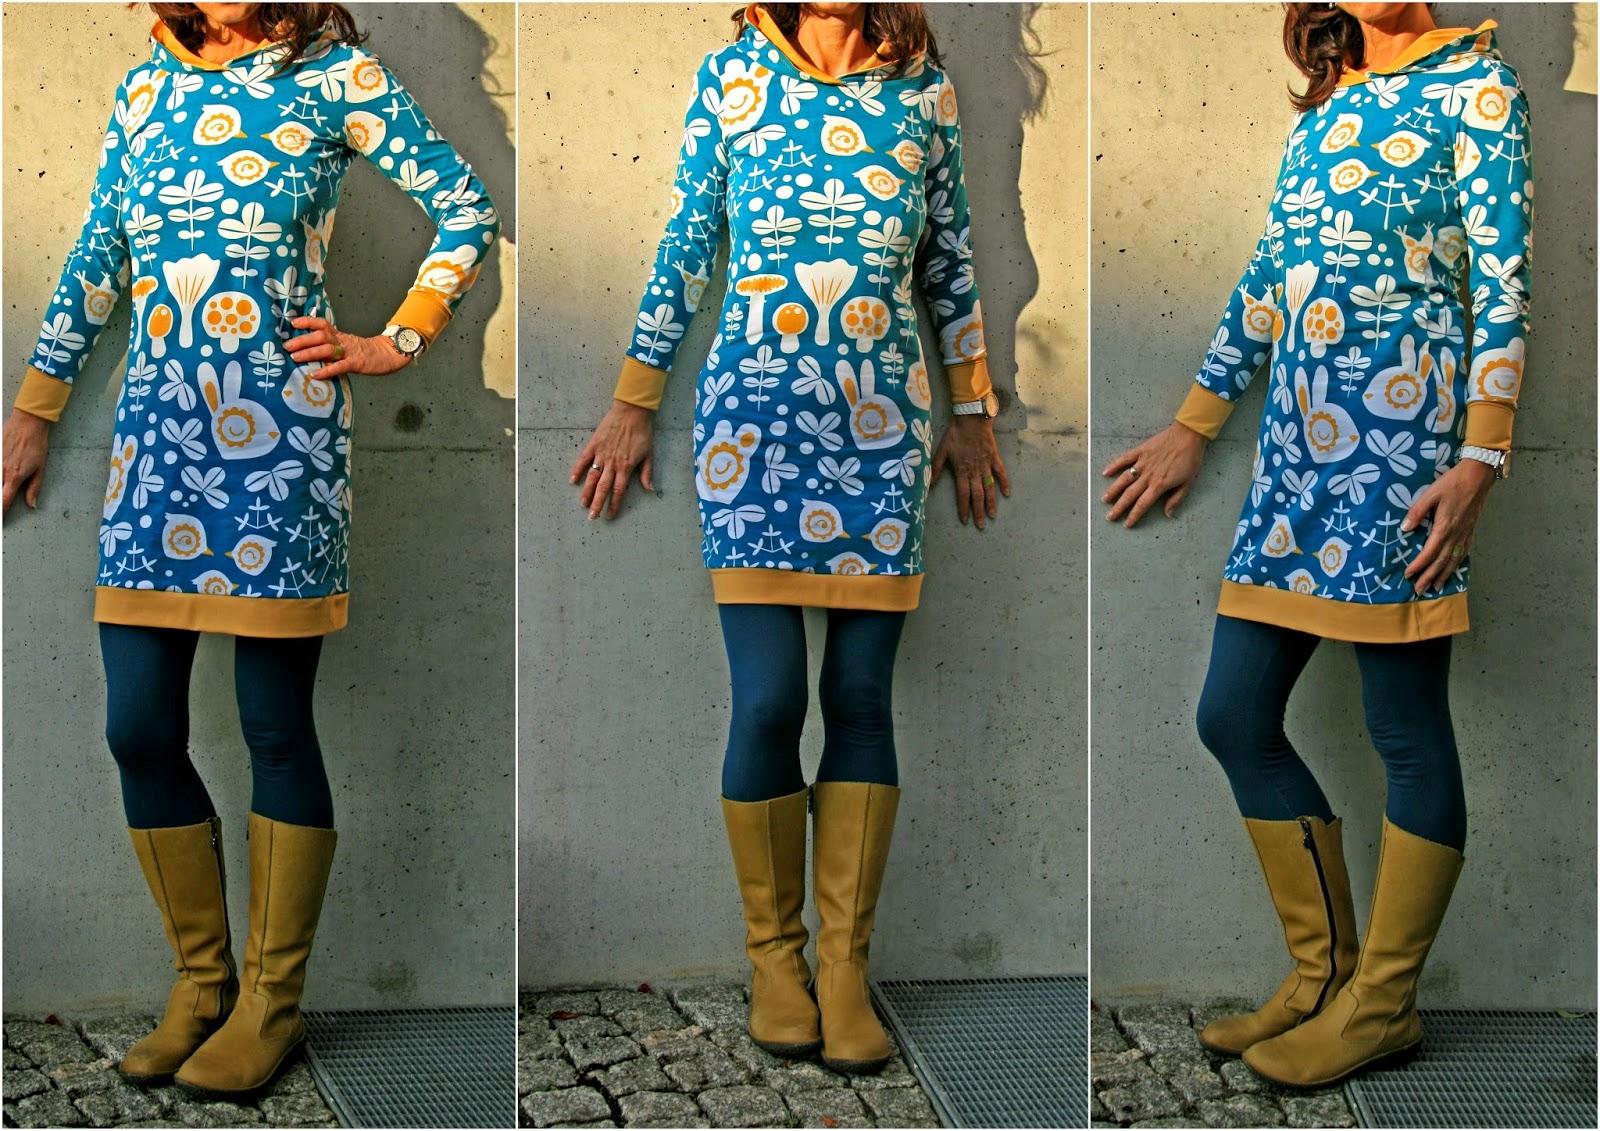 Kleid Damen Damen Kleid Freebook Kleid Damen Damen Kleid Kleid Freebook Damen Freebook Freebook D9WE2YHIe